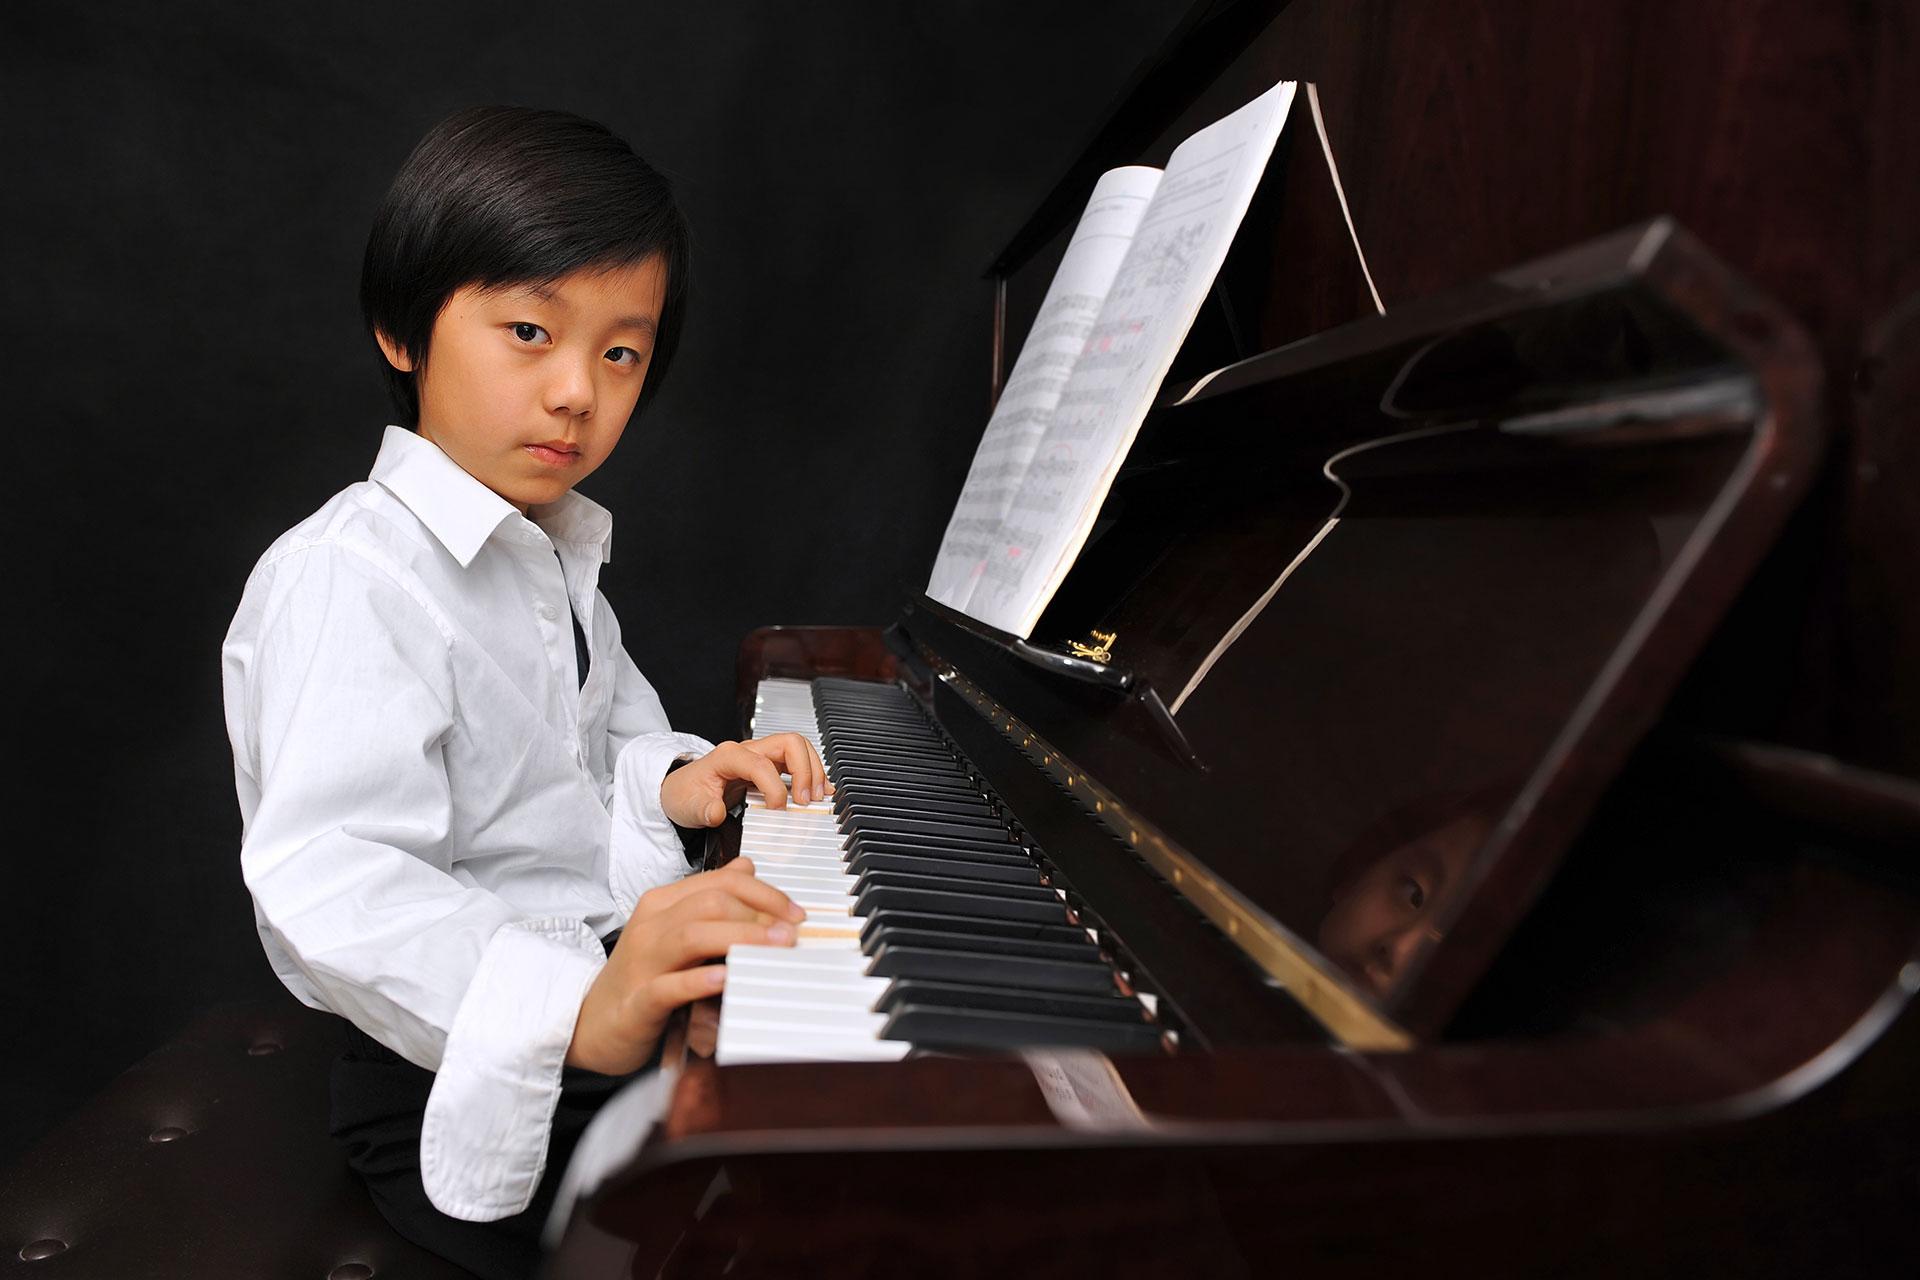 Boy sitting at the piano, Quassica Piano Lesson